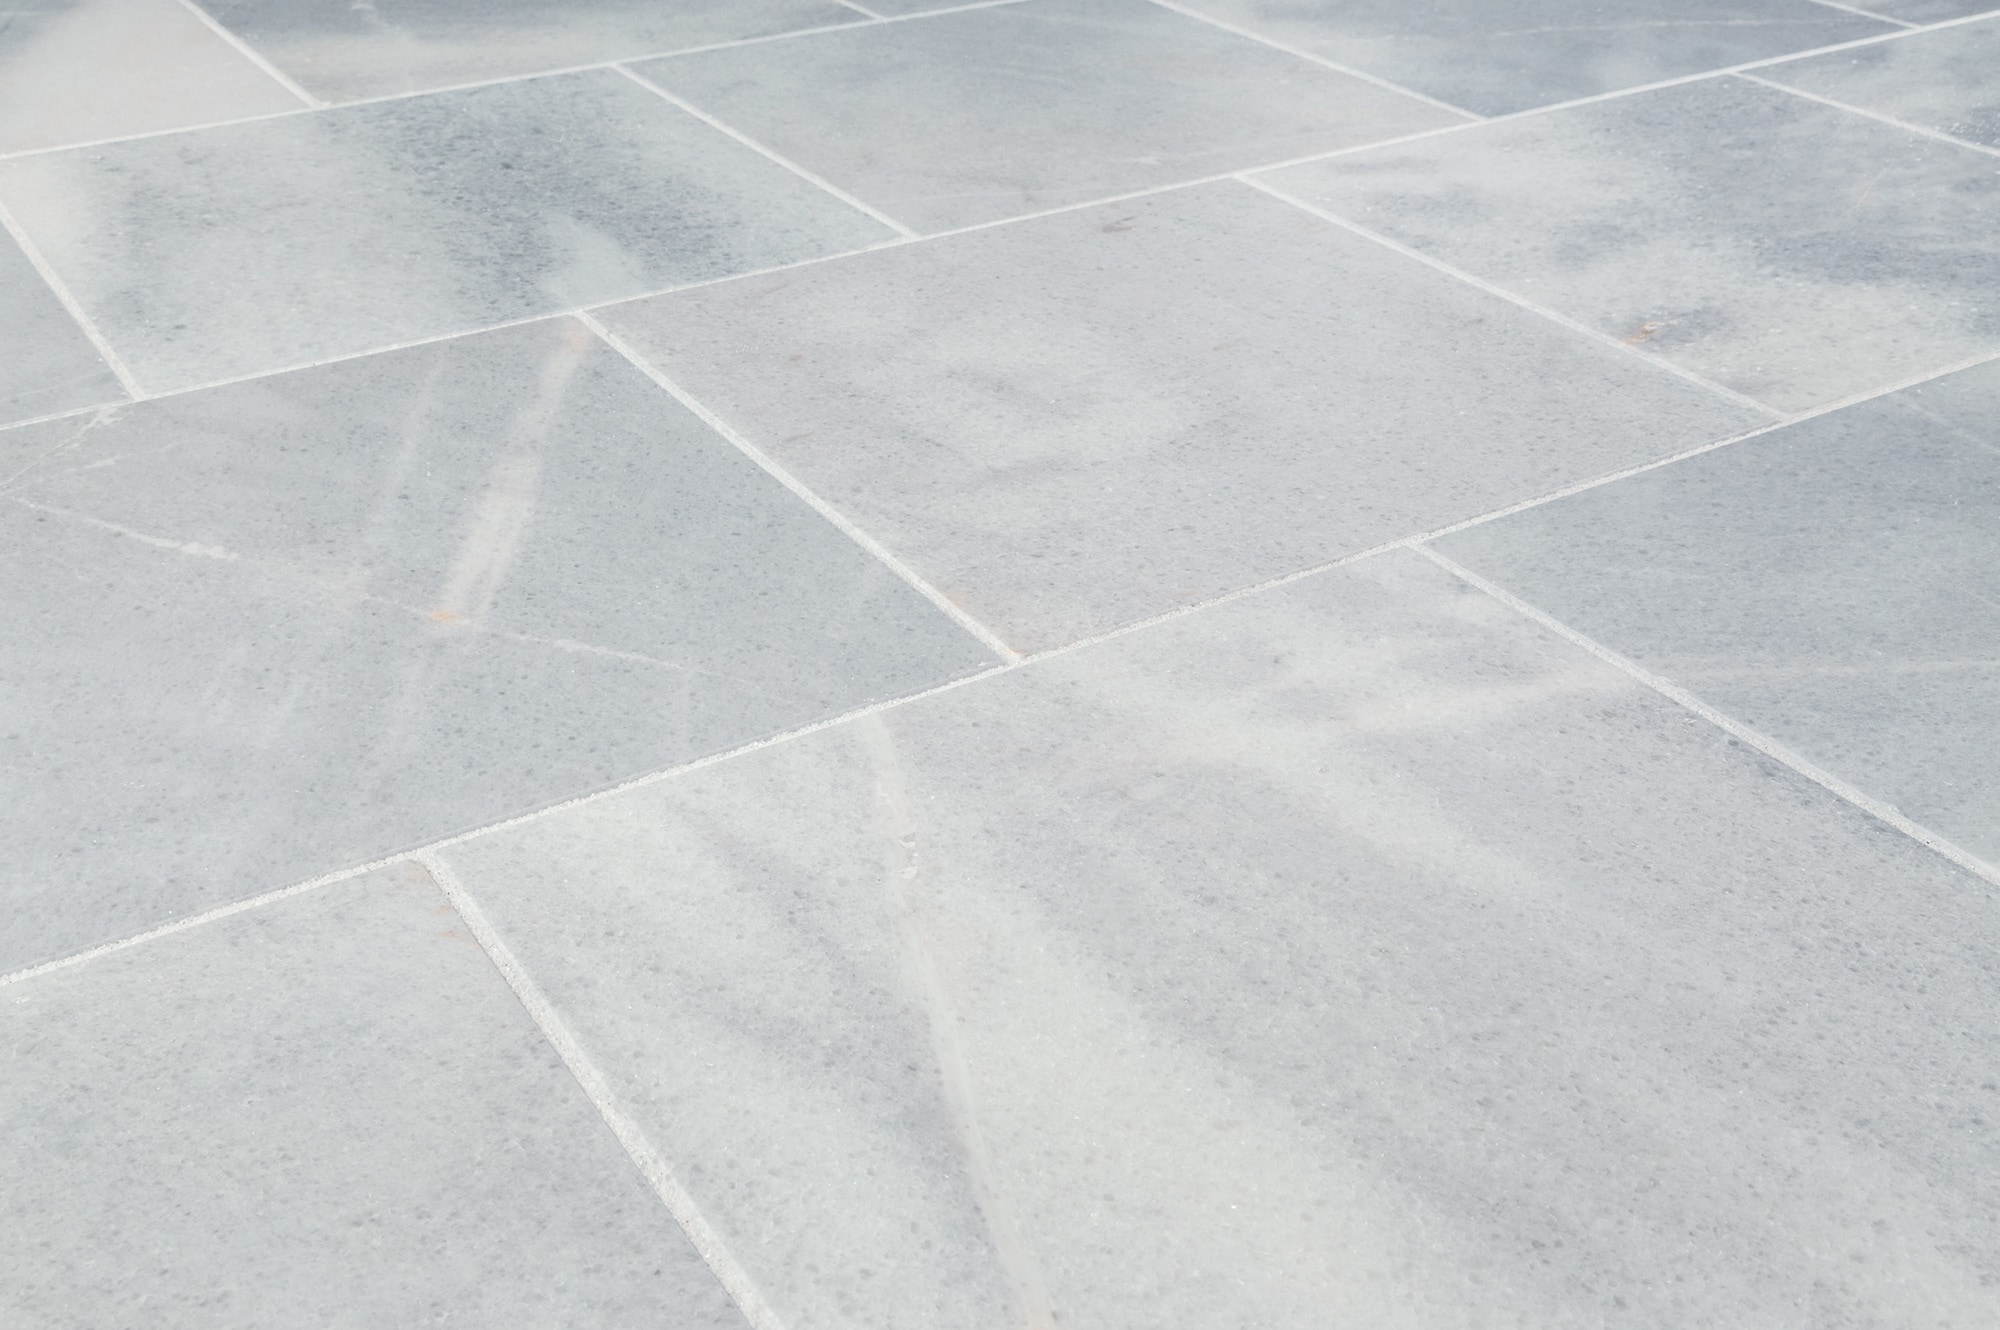 troya marble tile fume gray akin2 com